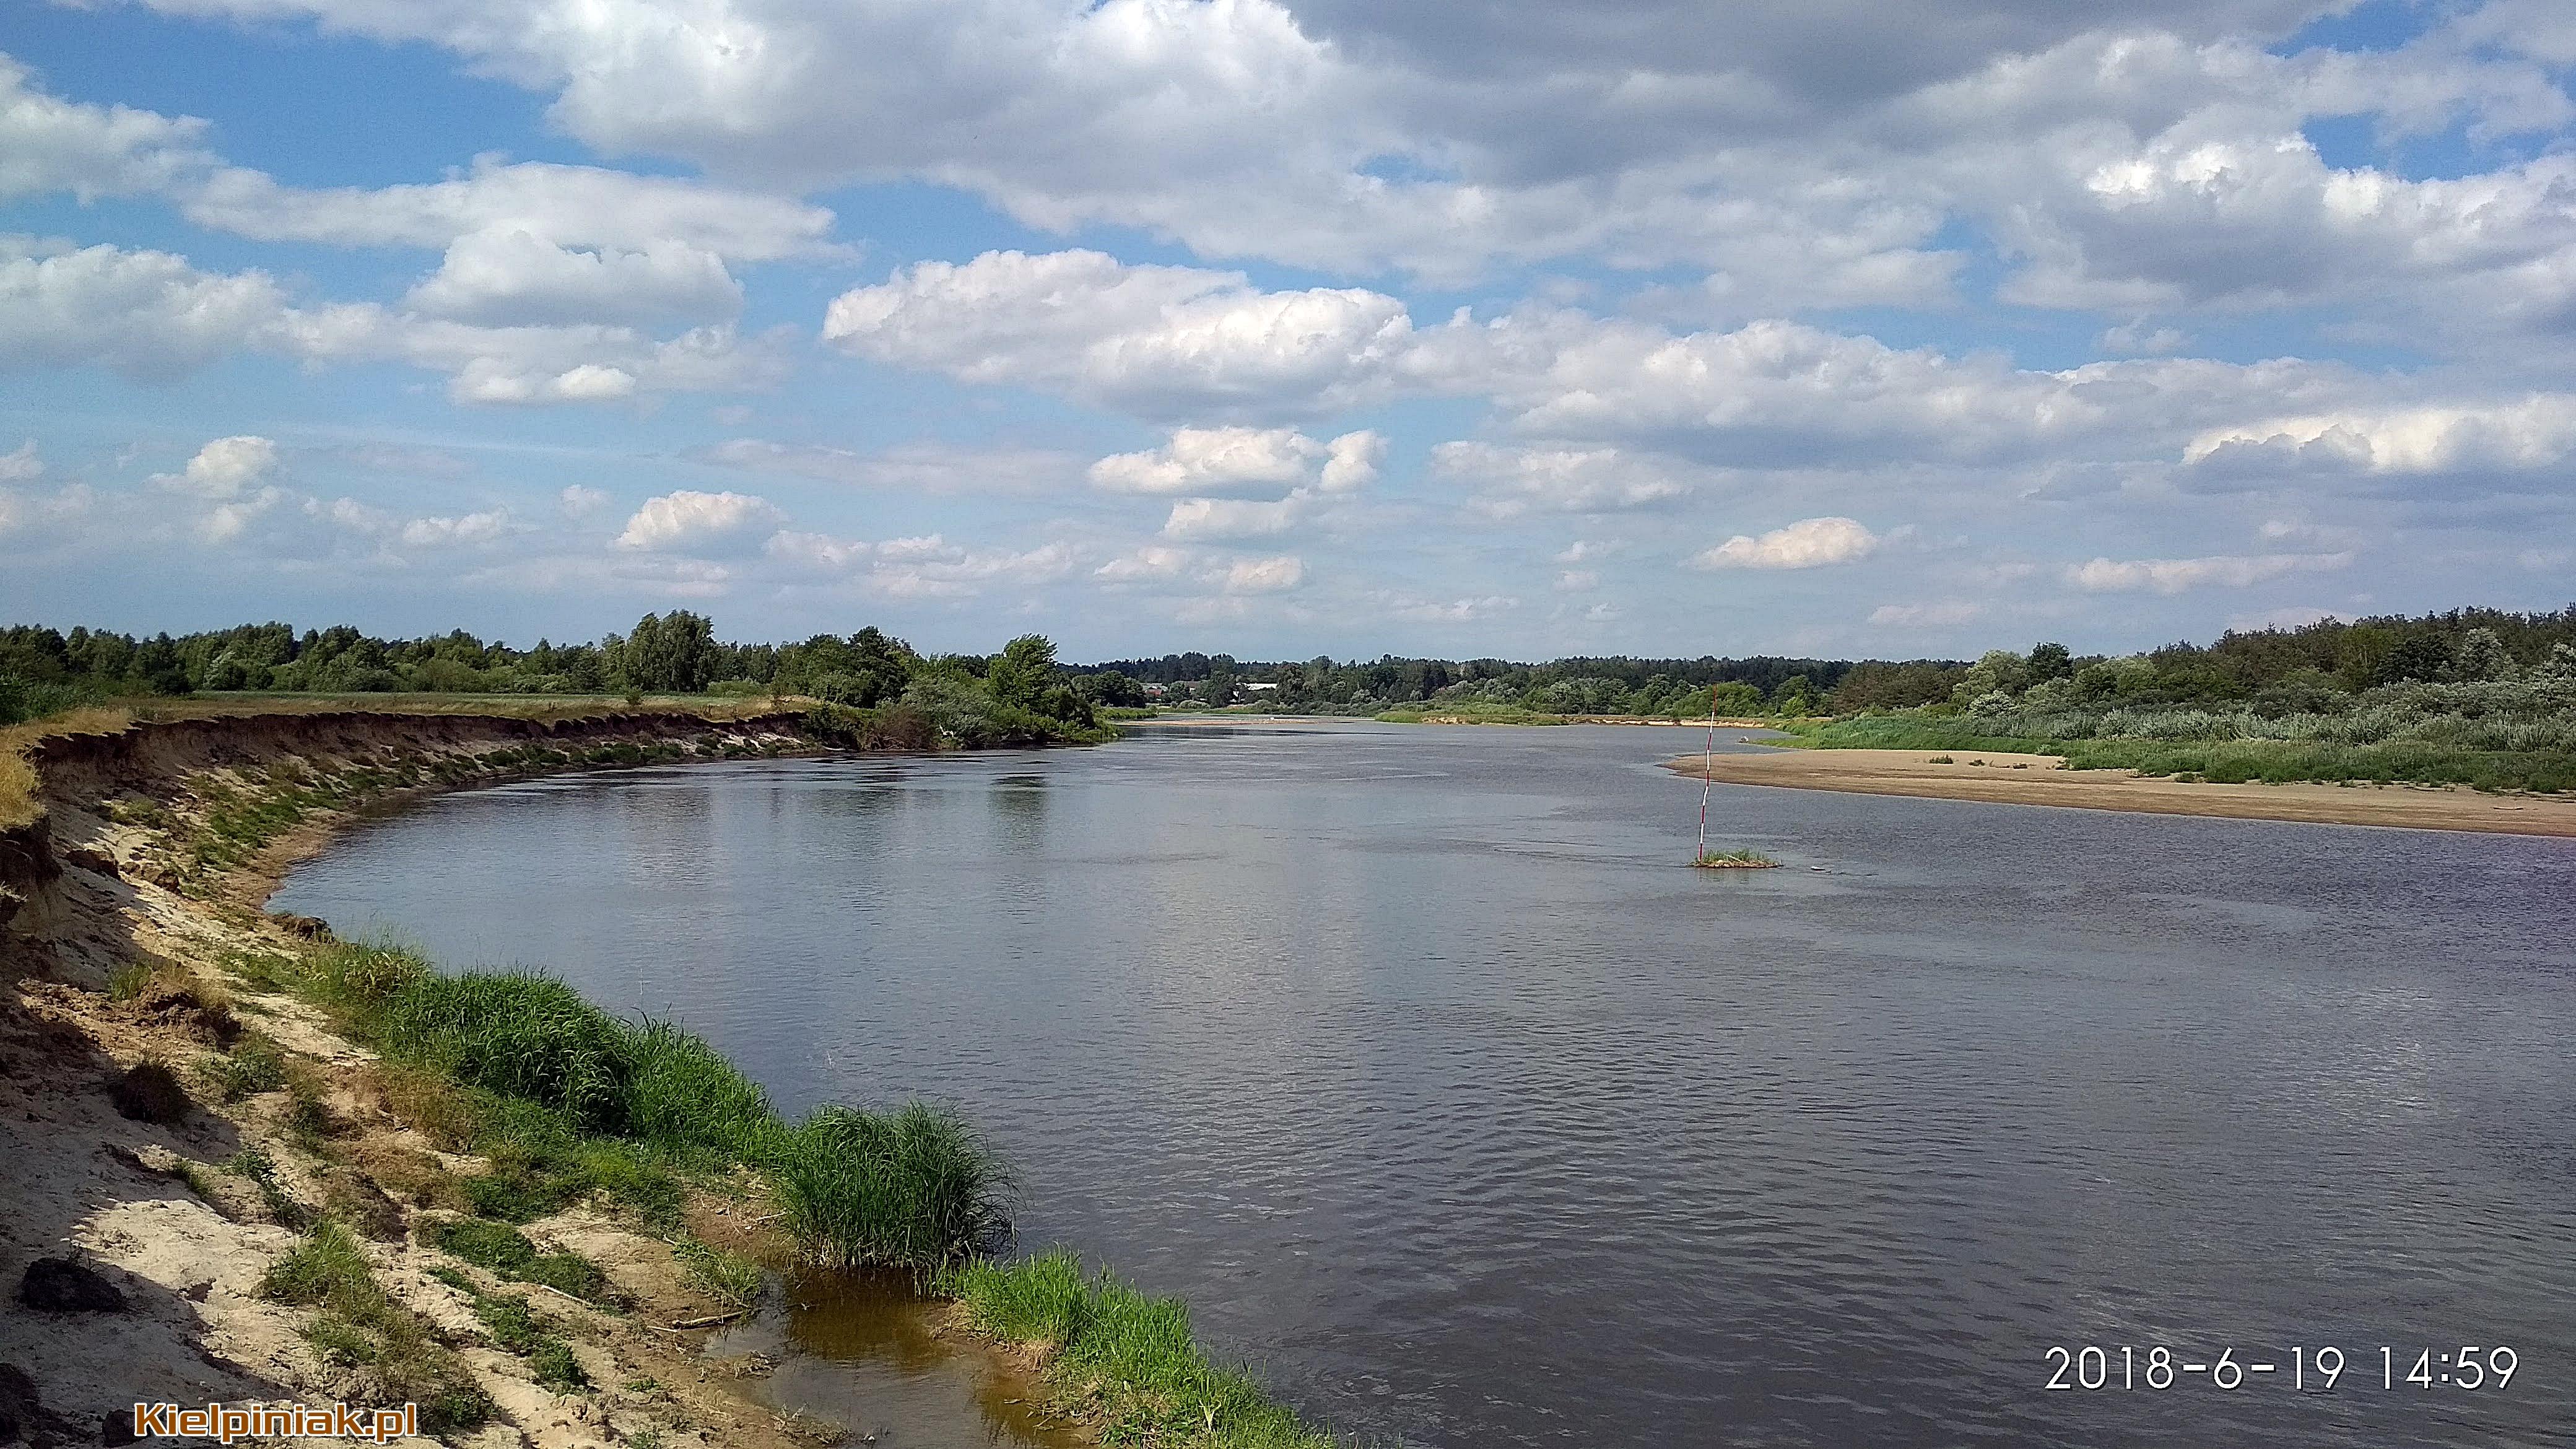 Rzeka Bug, kiełpiniec , czerwiec 2018r